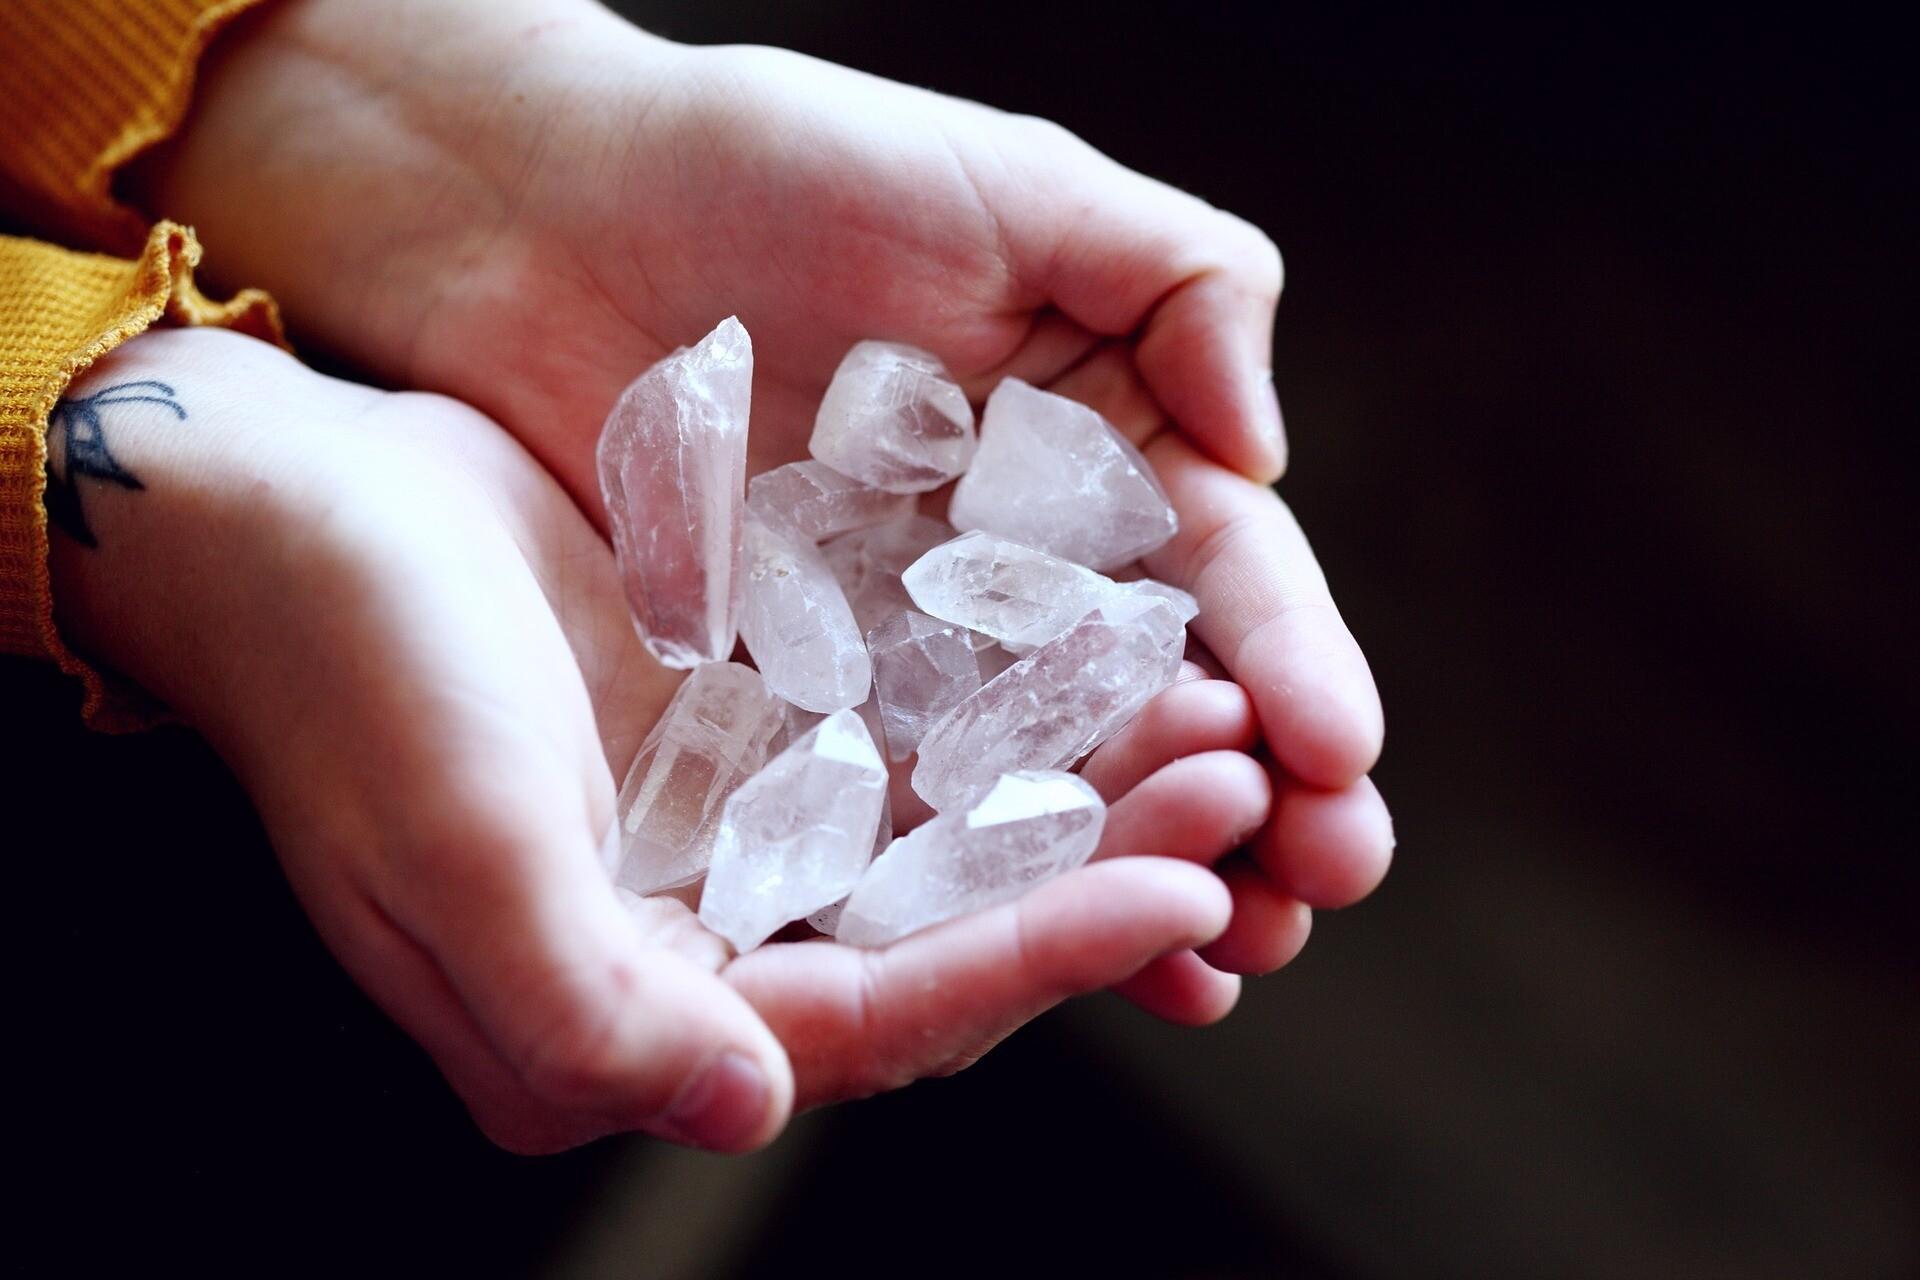 Почему мировые селебрити сходят с ума по магическим кристаллам (и как они работают)